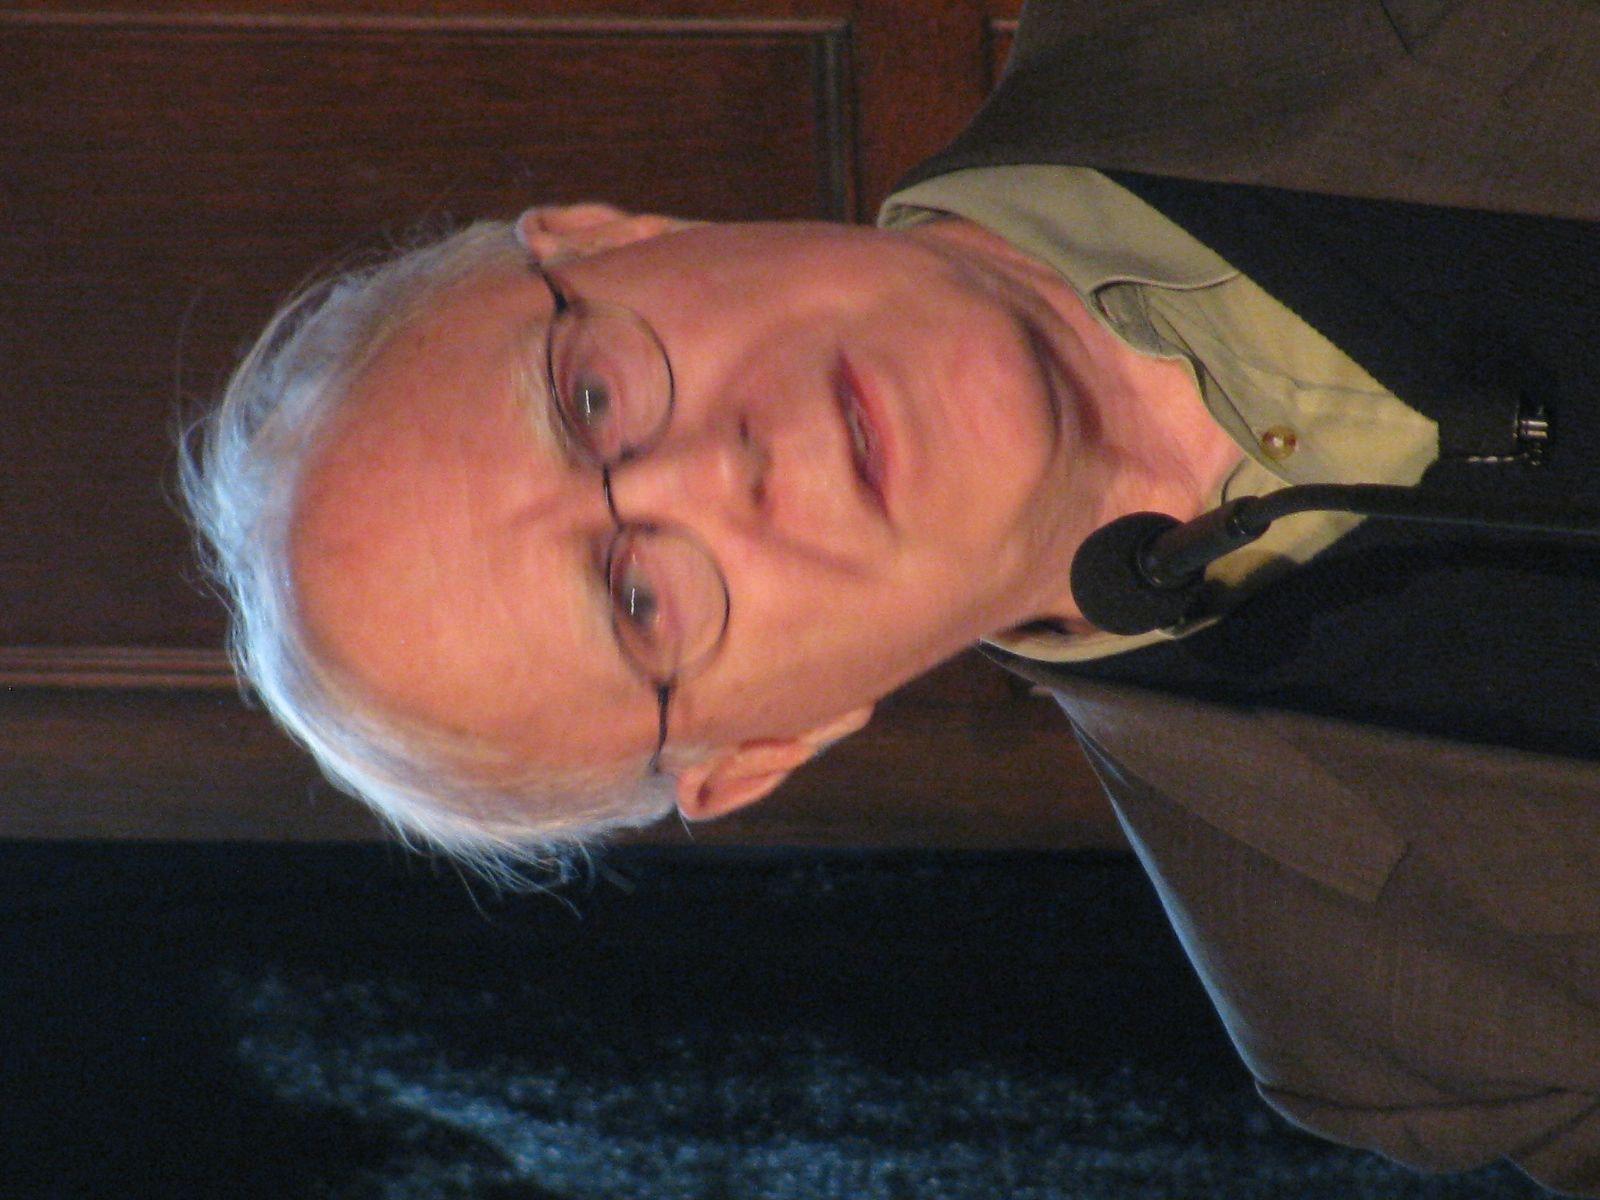 Robert Hass